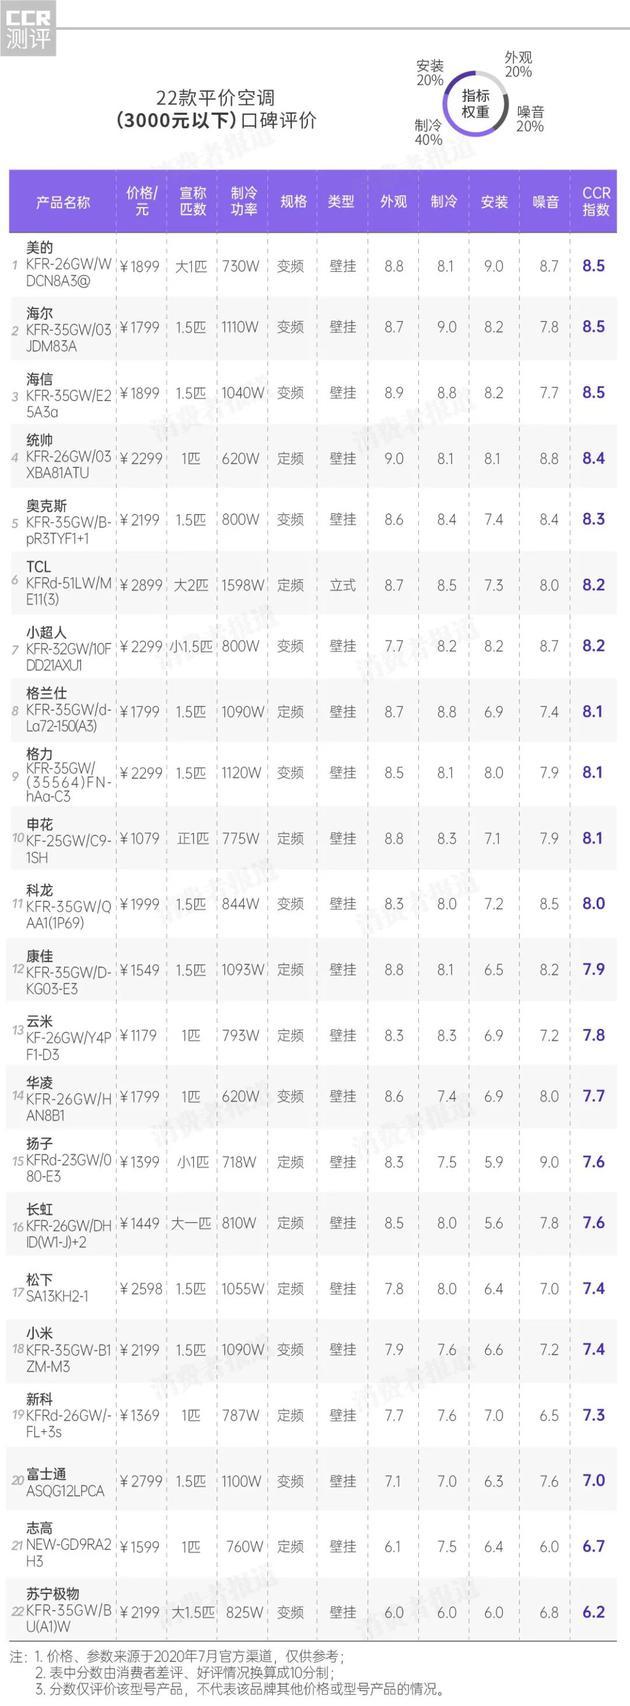 37款空调口碑报告:小米、志高表现一般